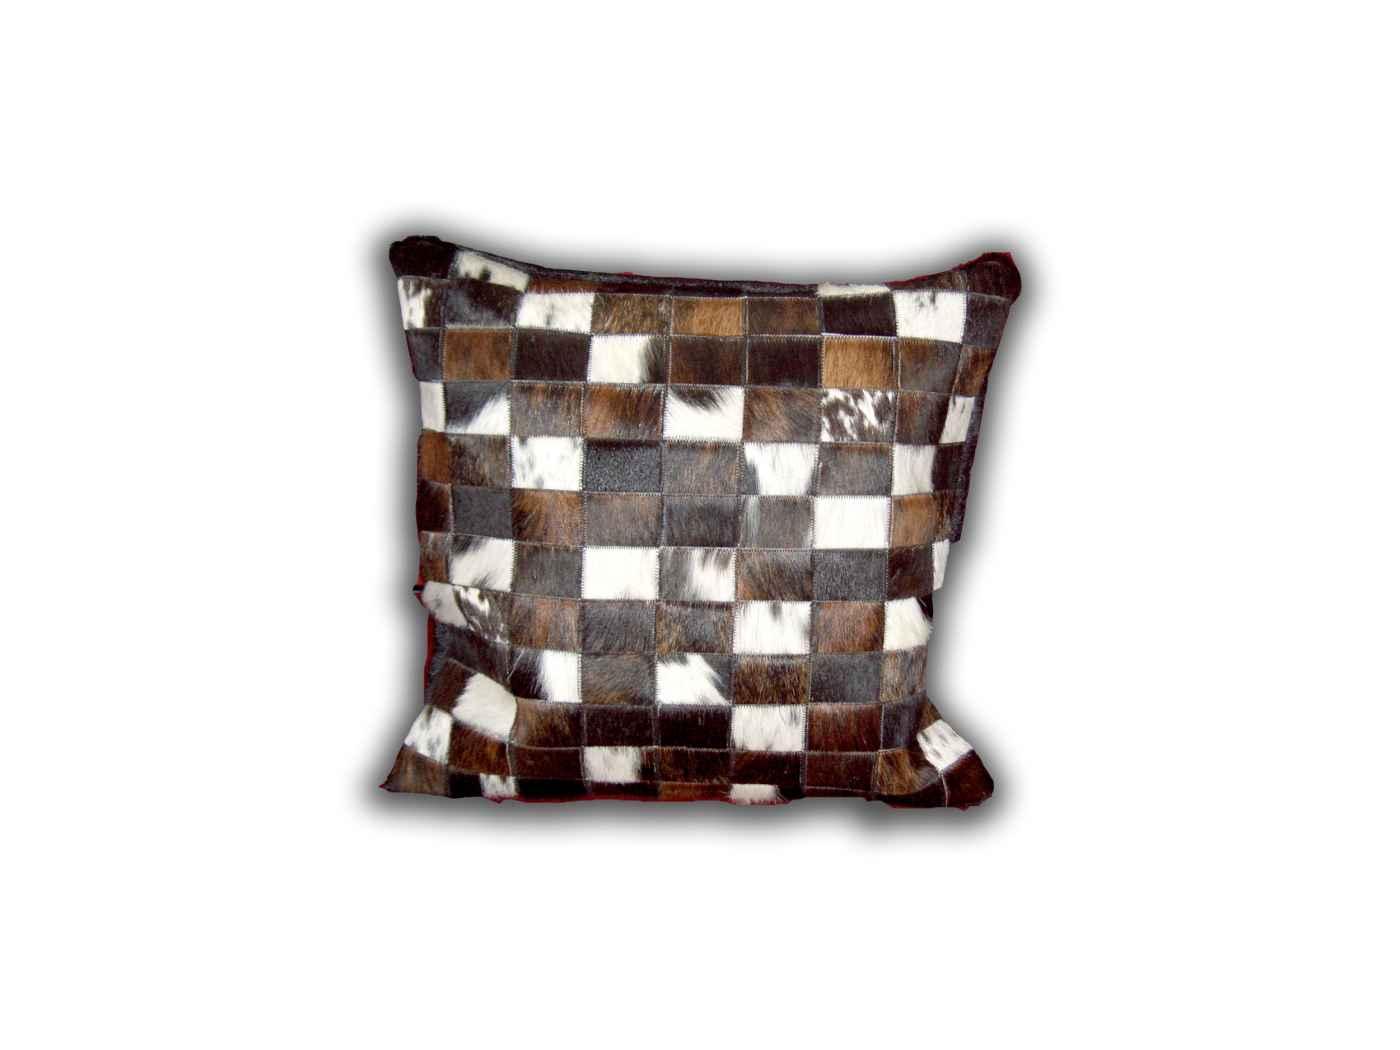 fellkissen zubeh r produkt devich holzschuherzeugung gmbh. Black Bedroom Furniture Sets. Home Design Ideas